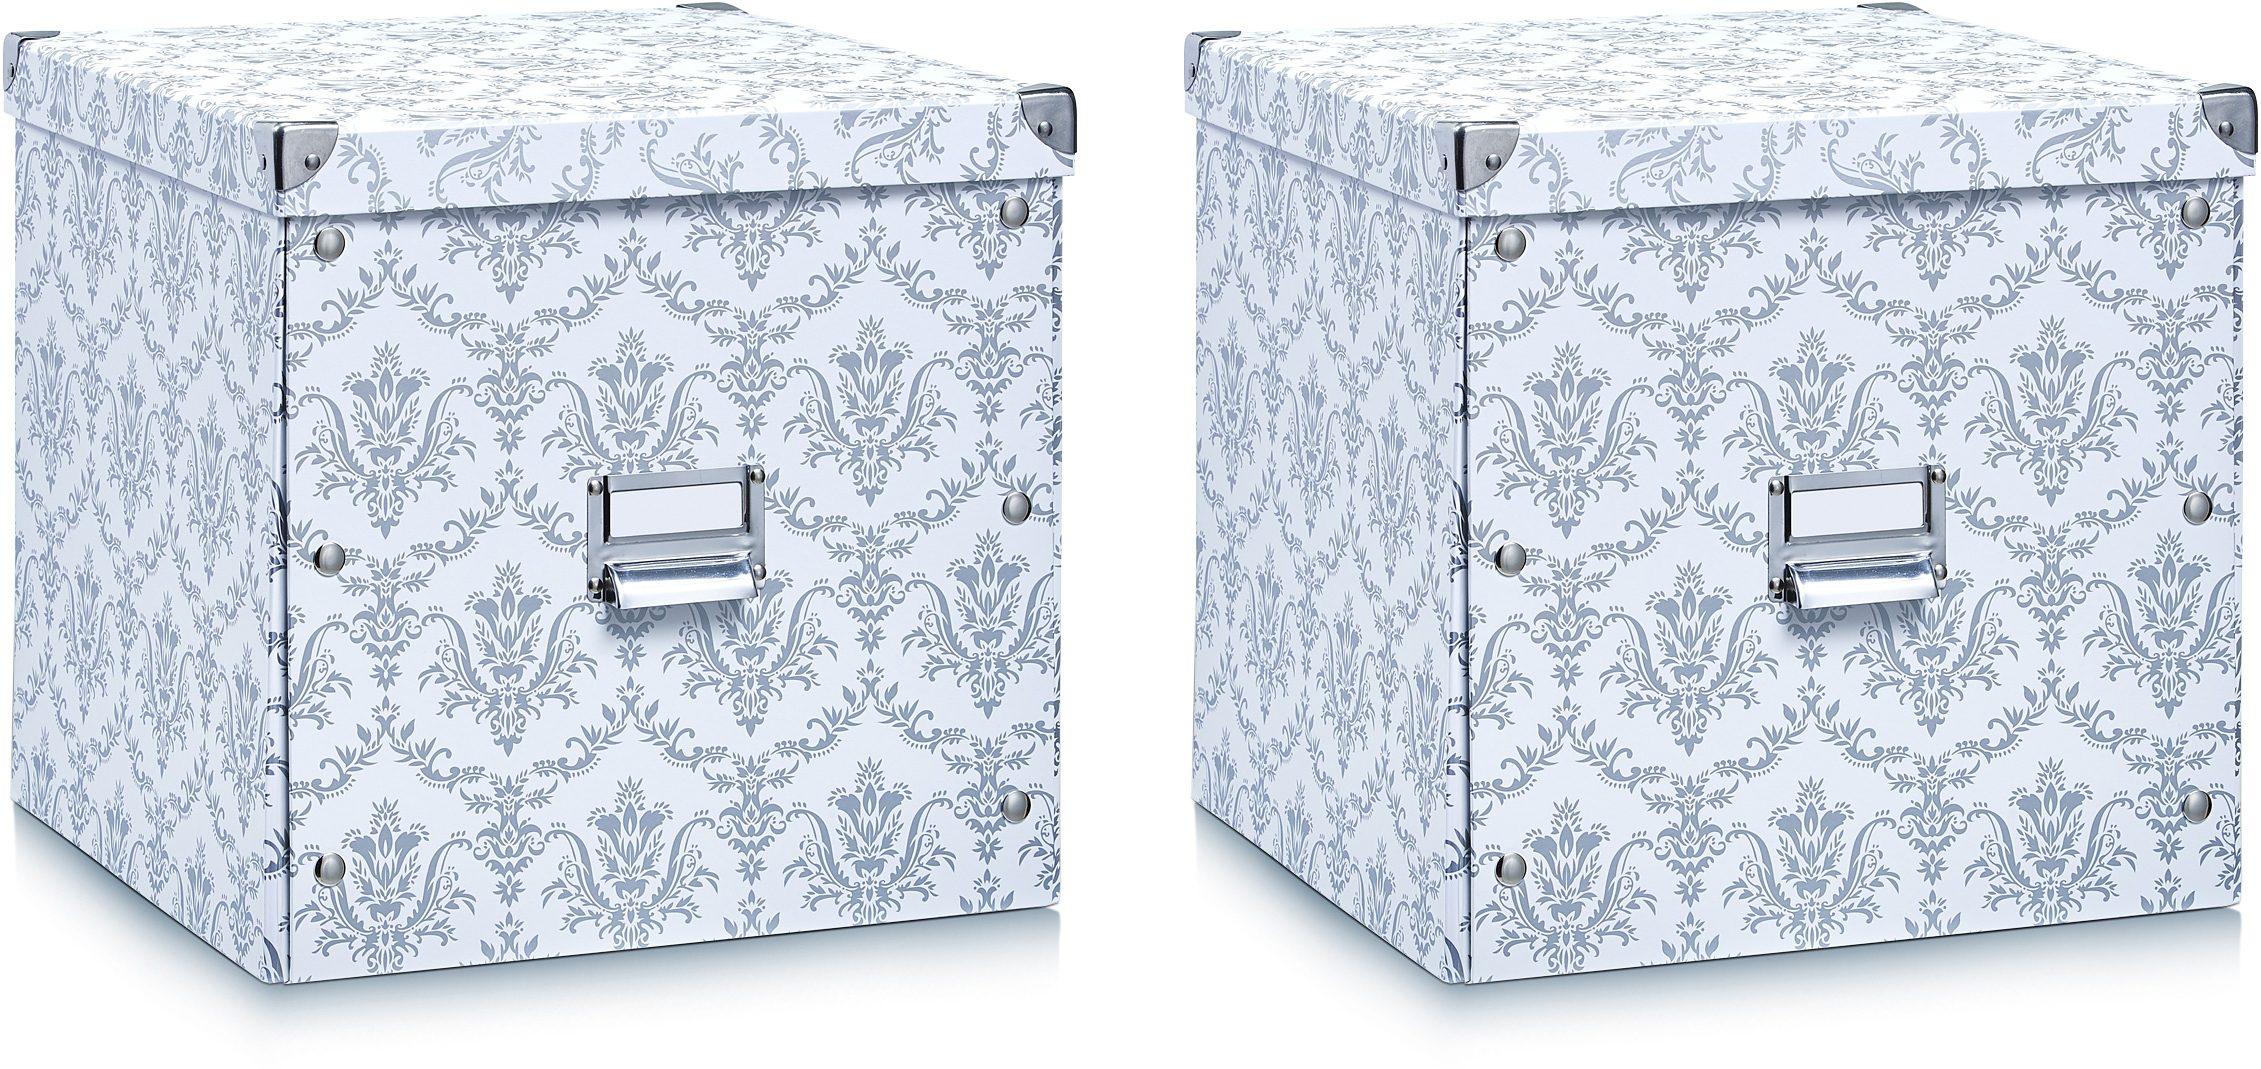 Zeller Present Aufbewahrungsbox, (2er Set) weiß Kleideraufbewahrung Aufbewahrung Ordnung Wohnaccessoires Aufbewahrungsbox